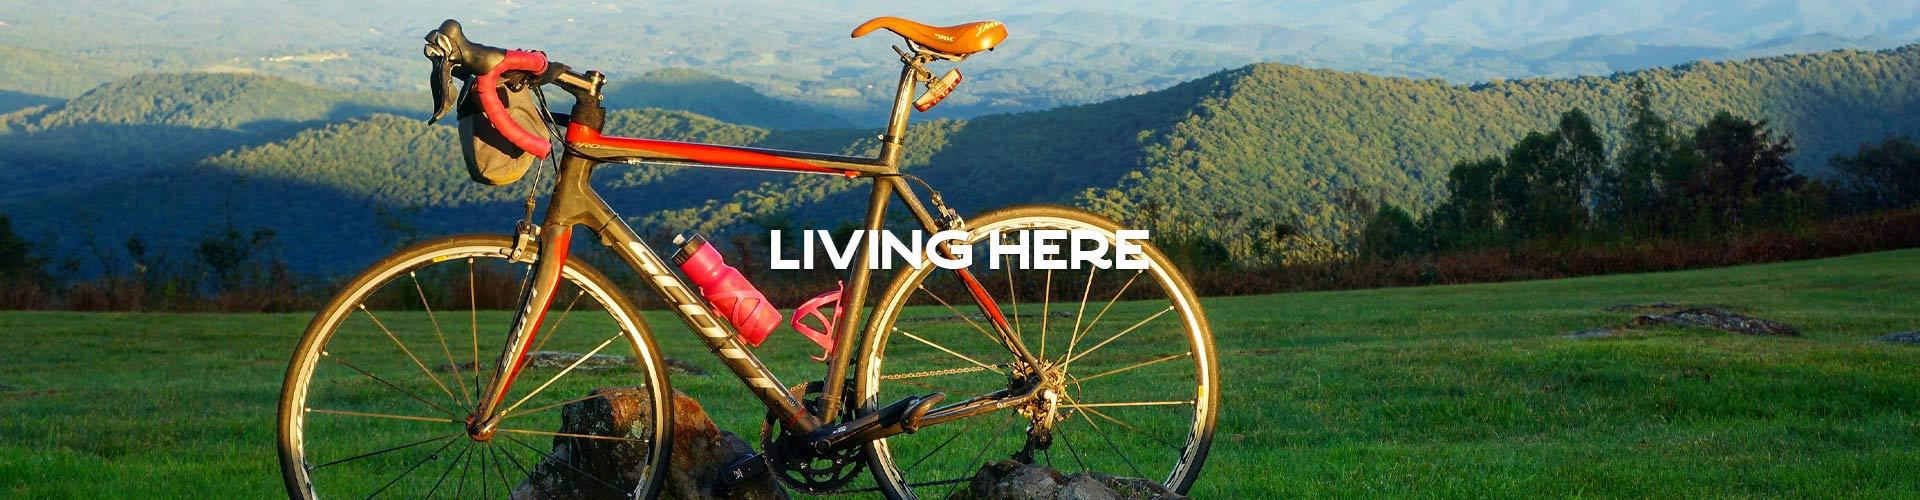 living-here-header